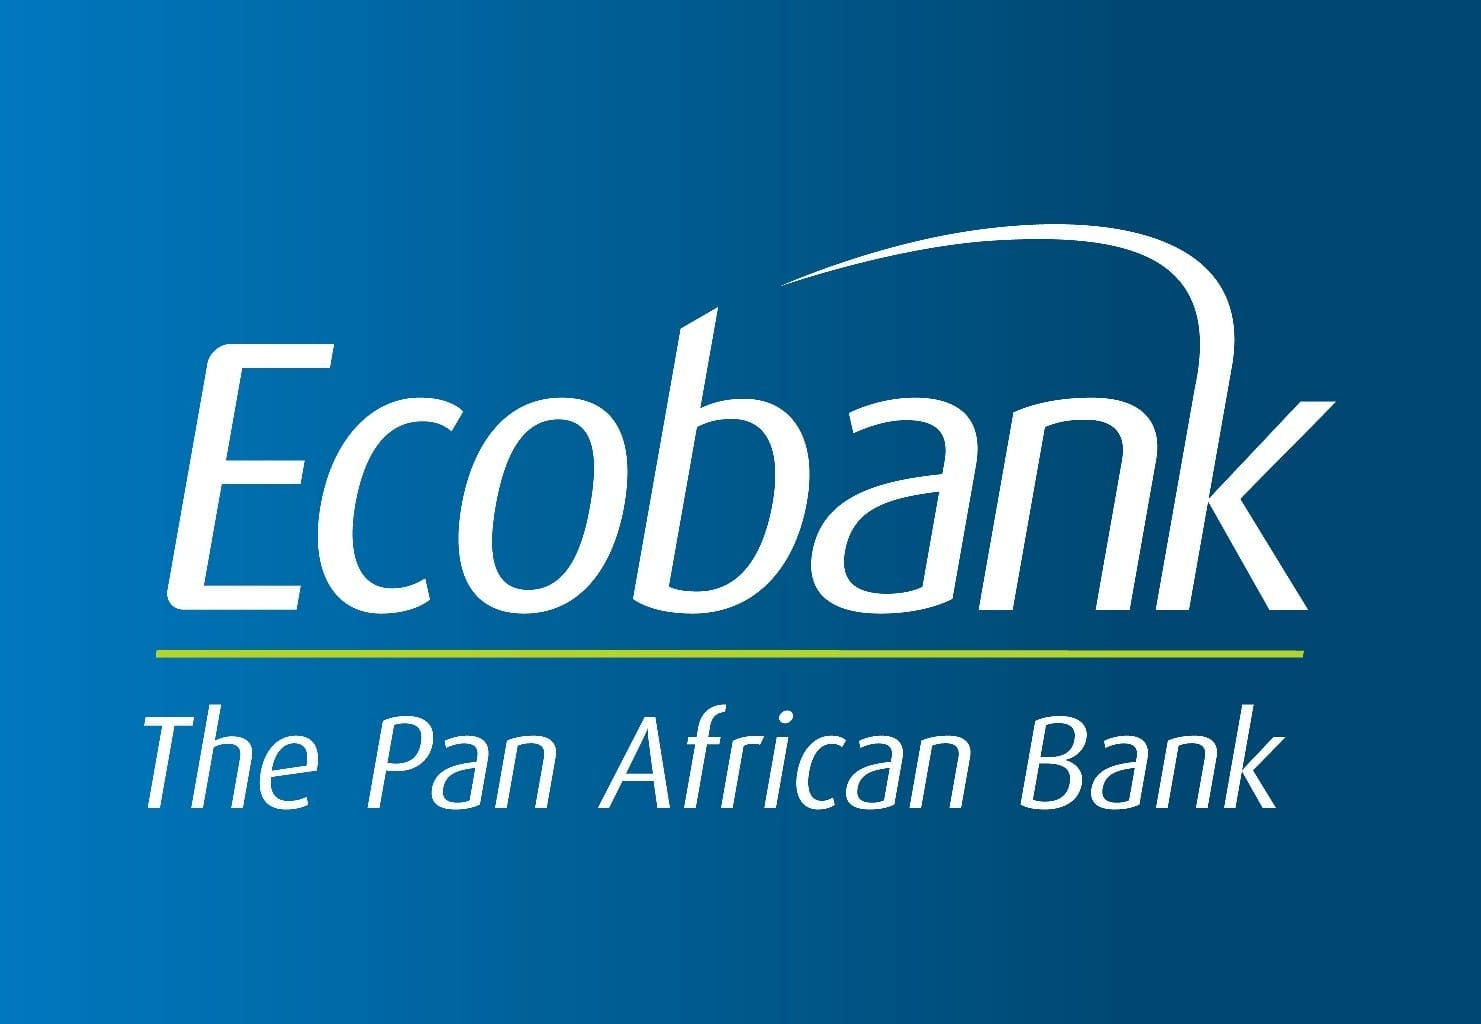 Economie : Action judiciaire à l'encontre d'Ecobank, de la Société Générale et d'Afriland